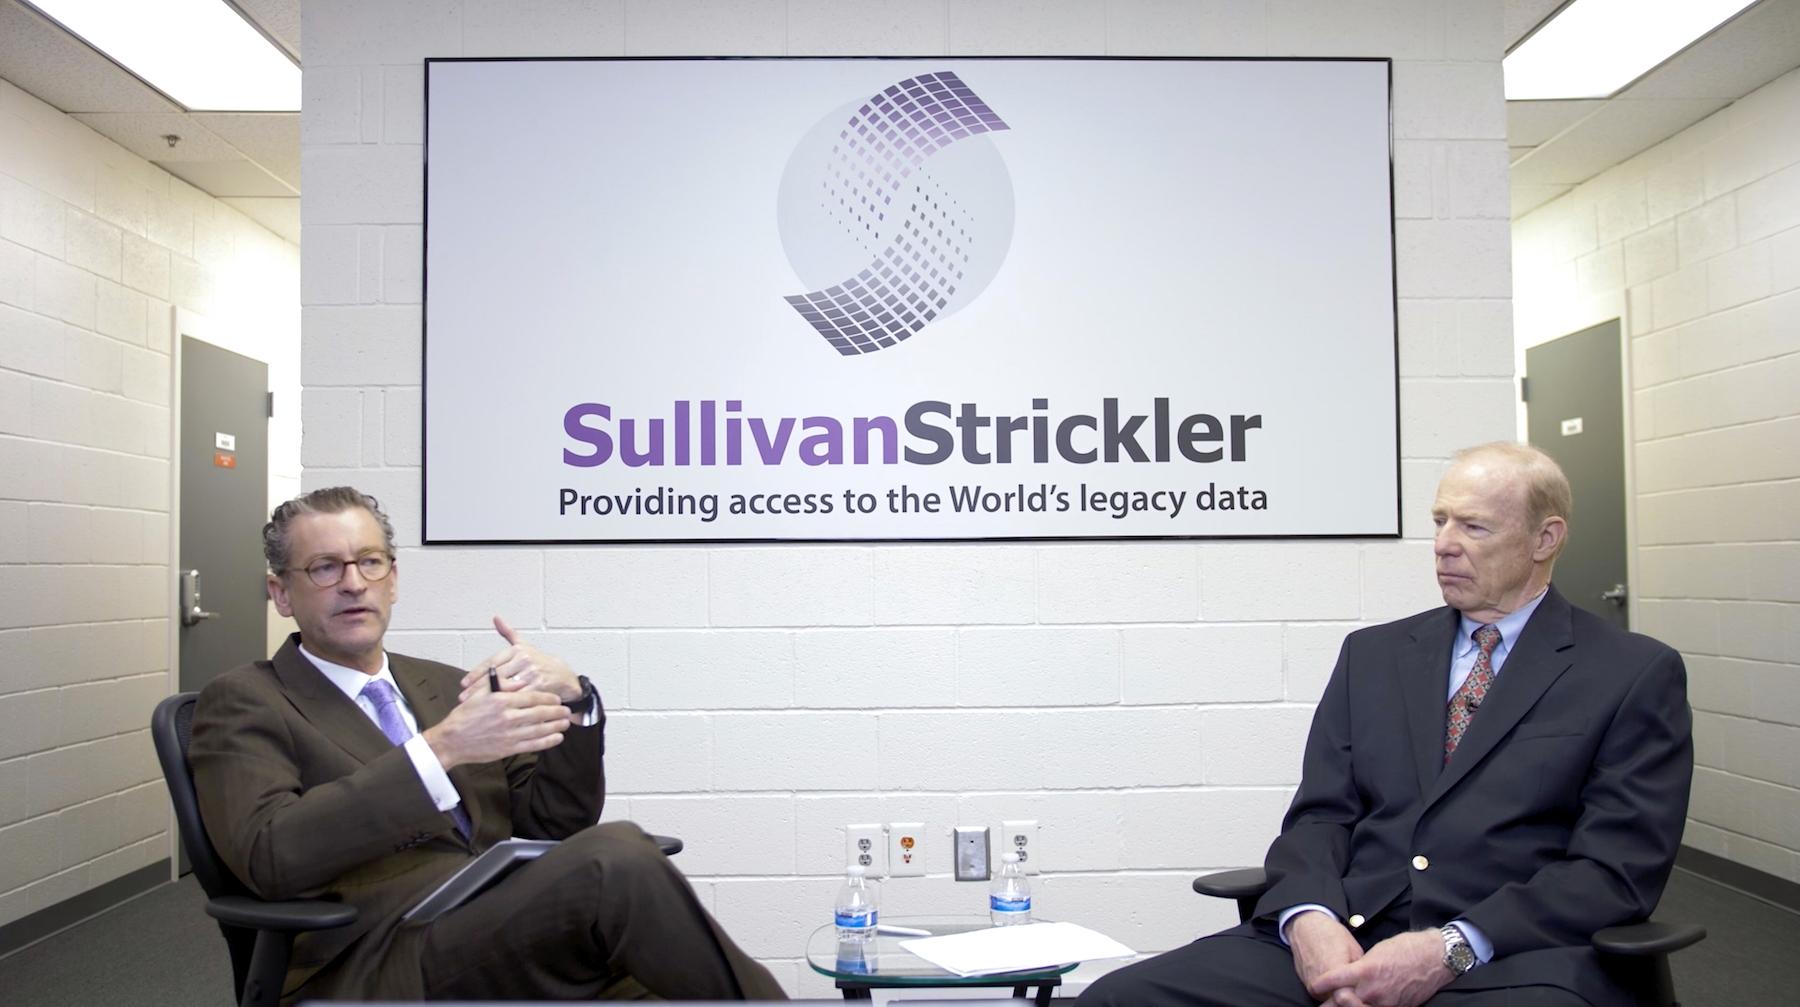 SullivanStrickler